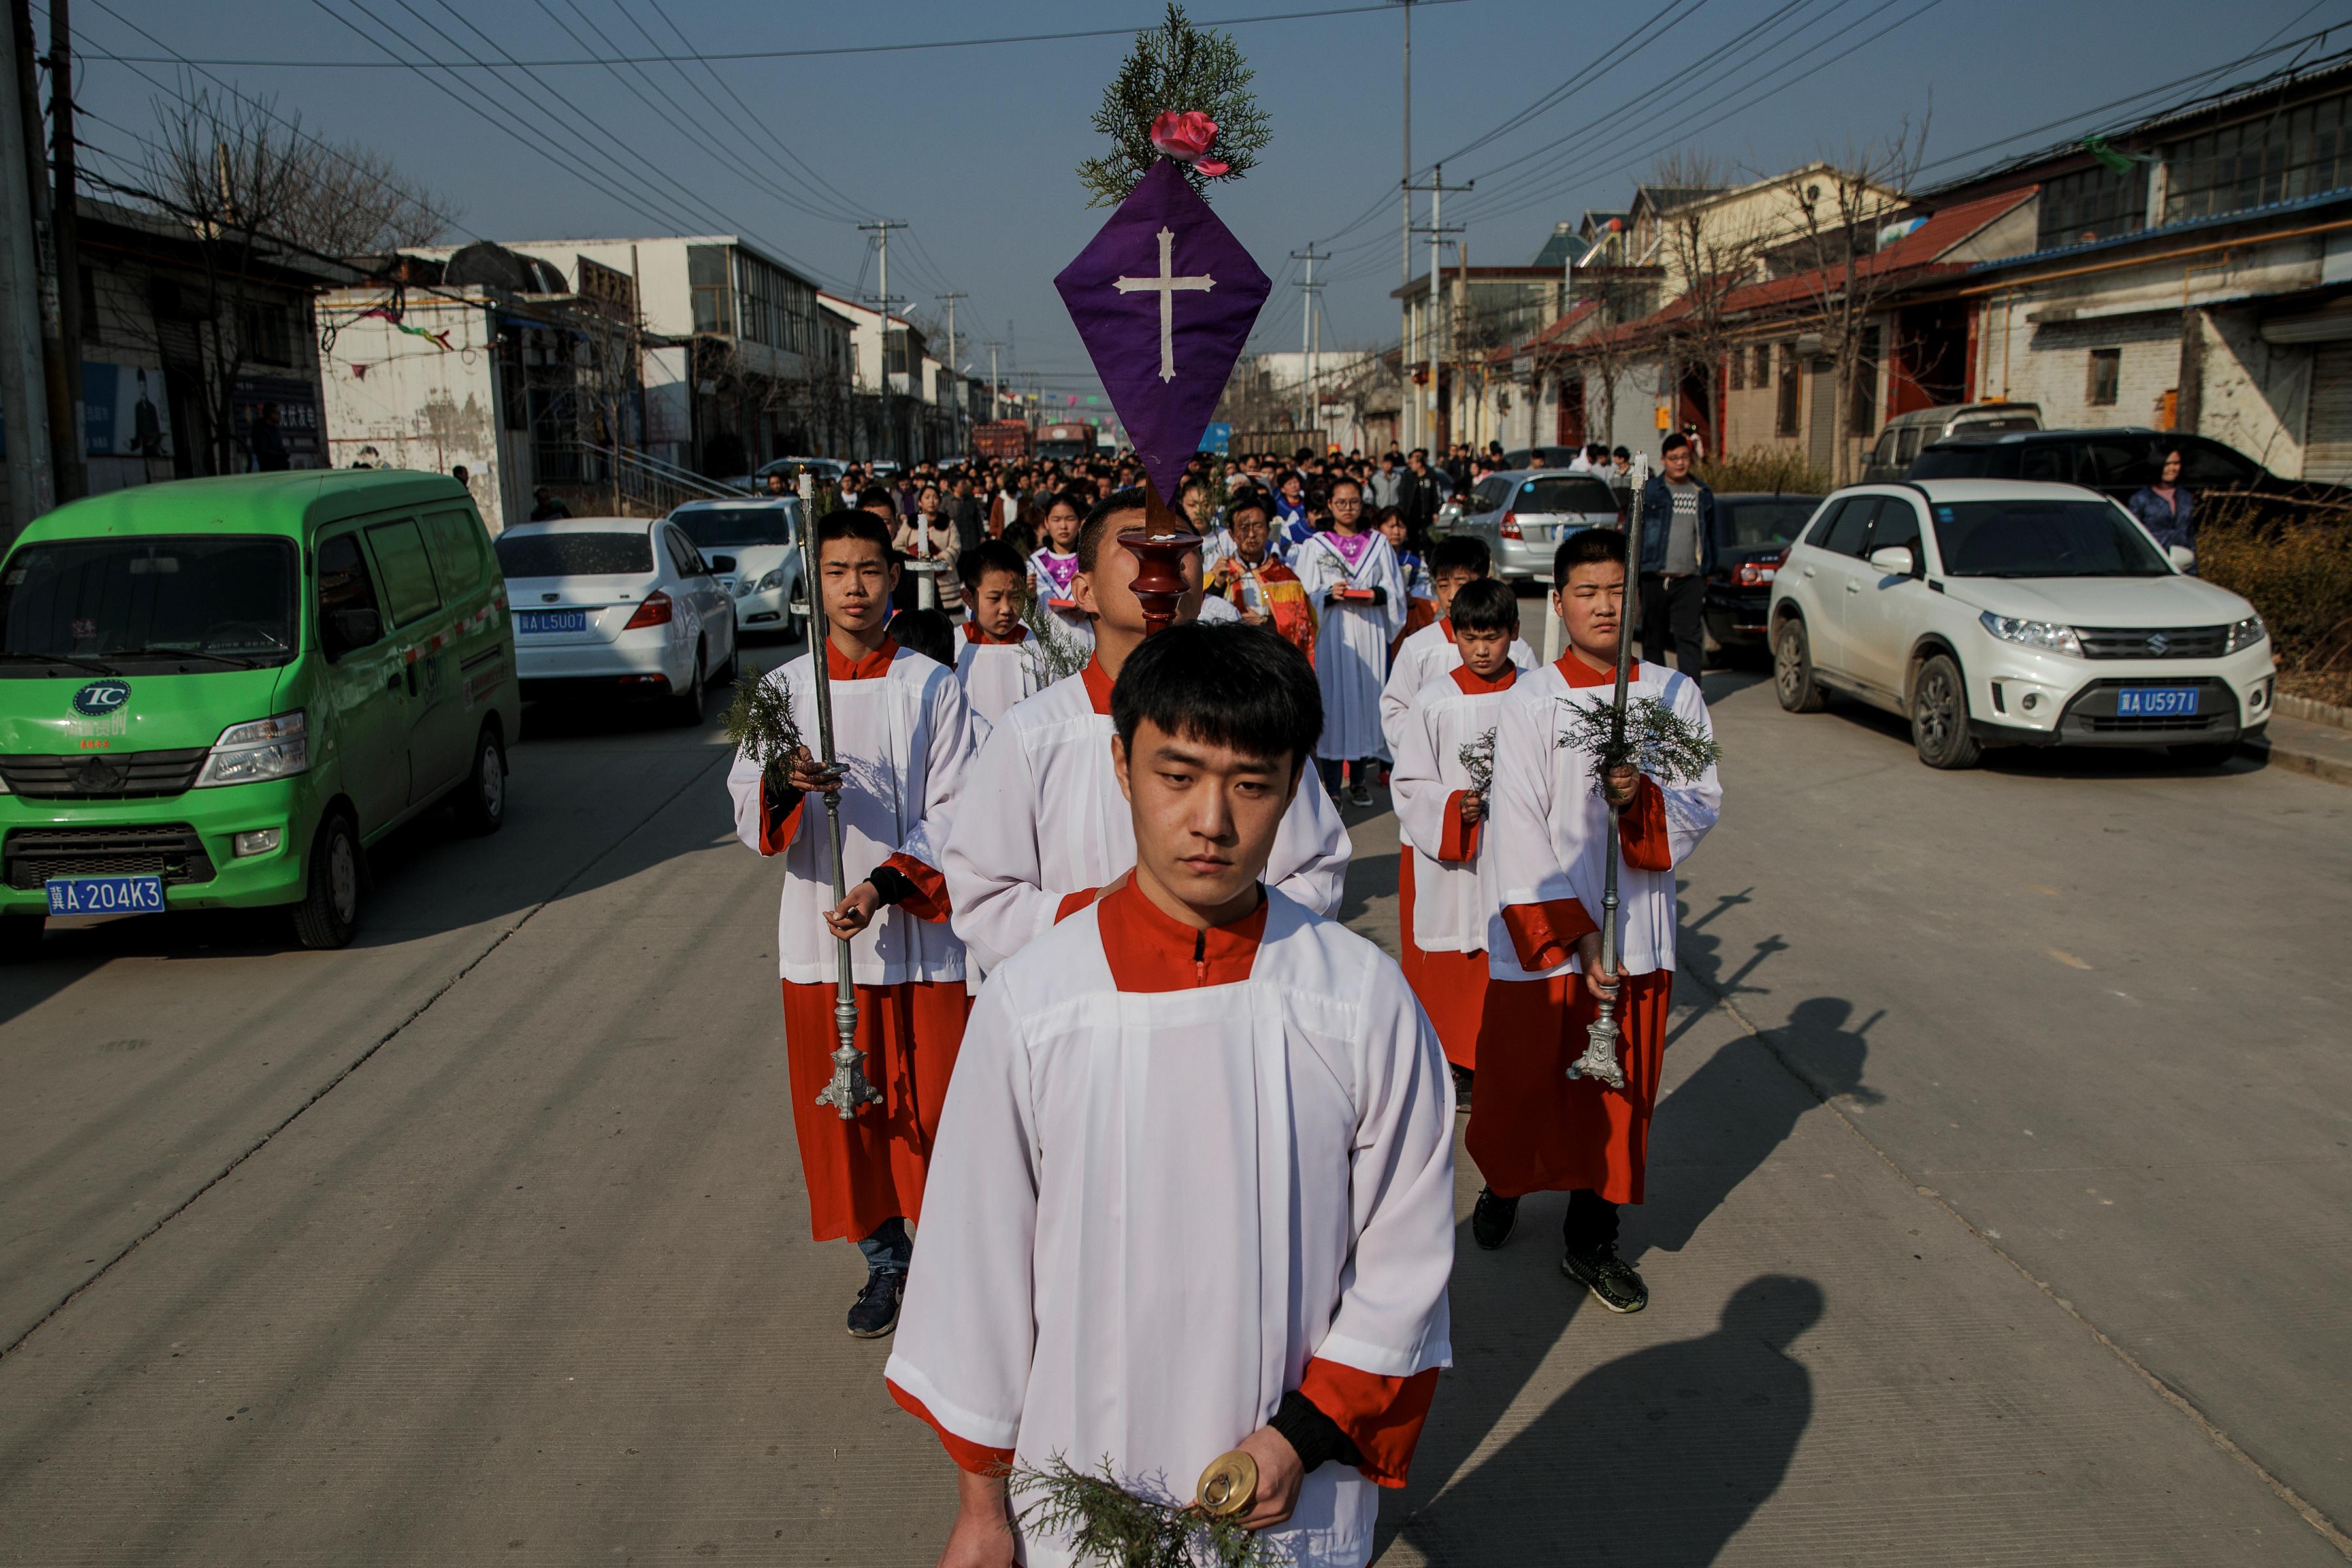 Acordo provisório abre caminho para unificação das comunidades católicas no país.